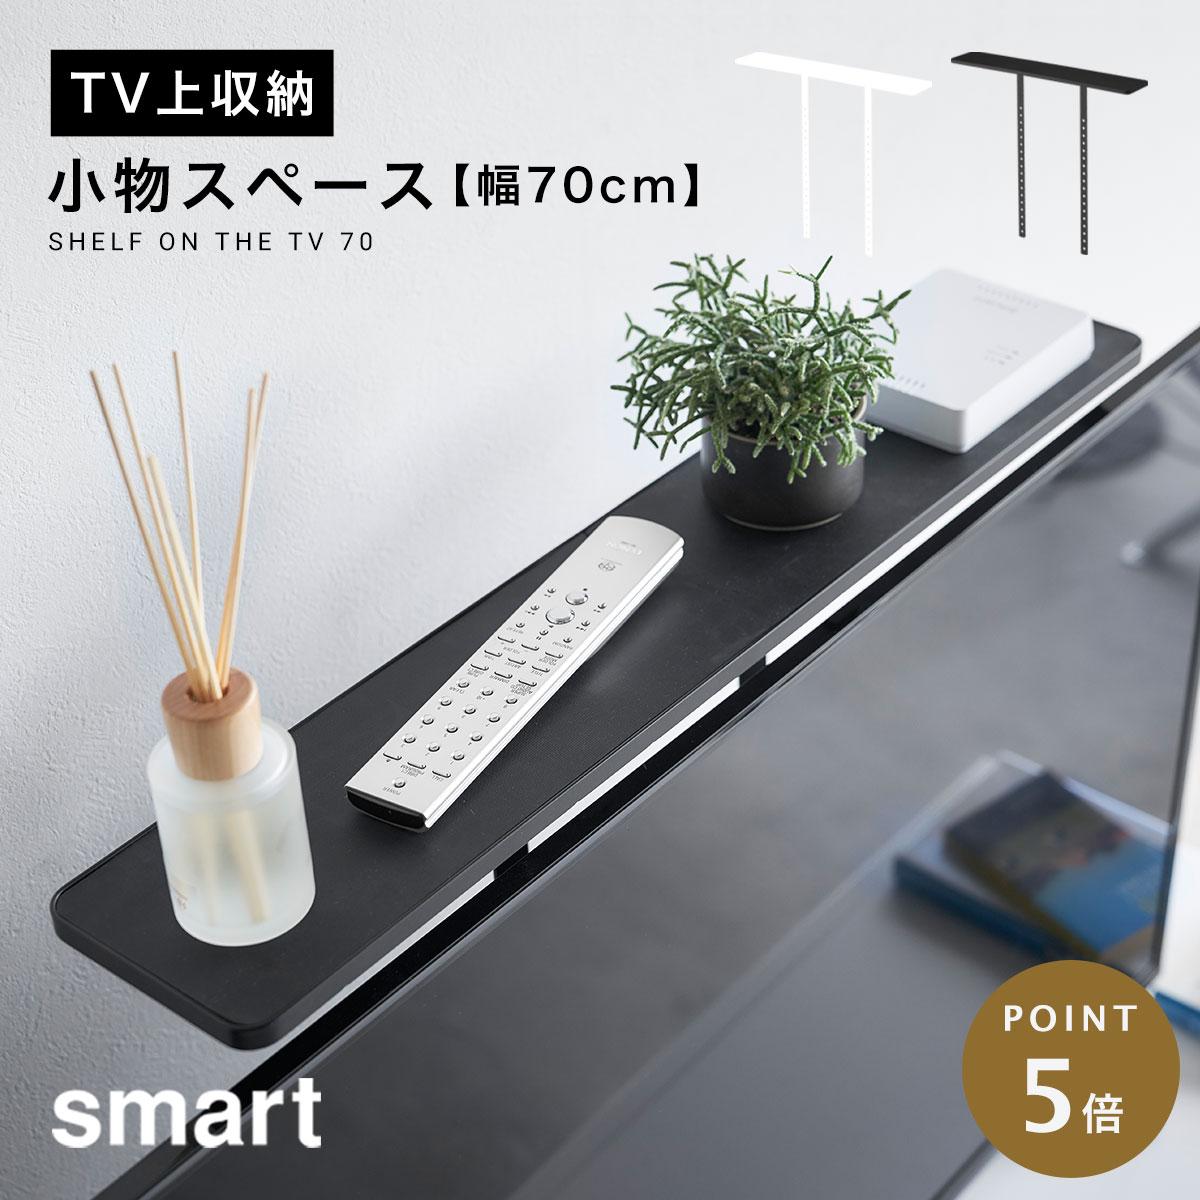 リモコン 収納 テレビ台 薄型テレビ上ラック スマート smart シンプル ホワイト ブラック